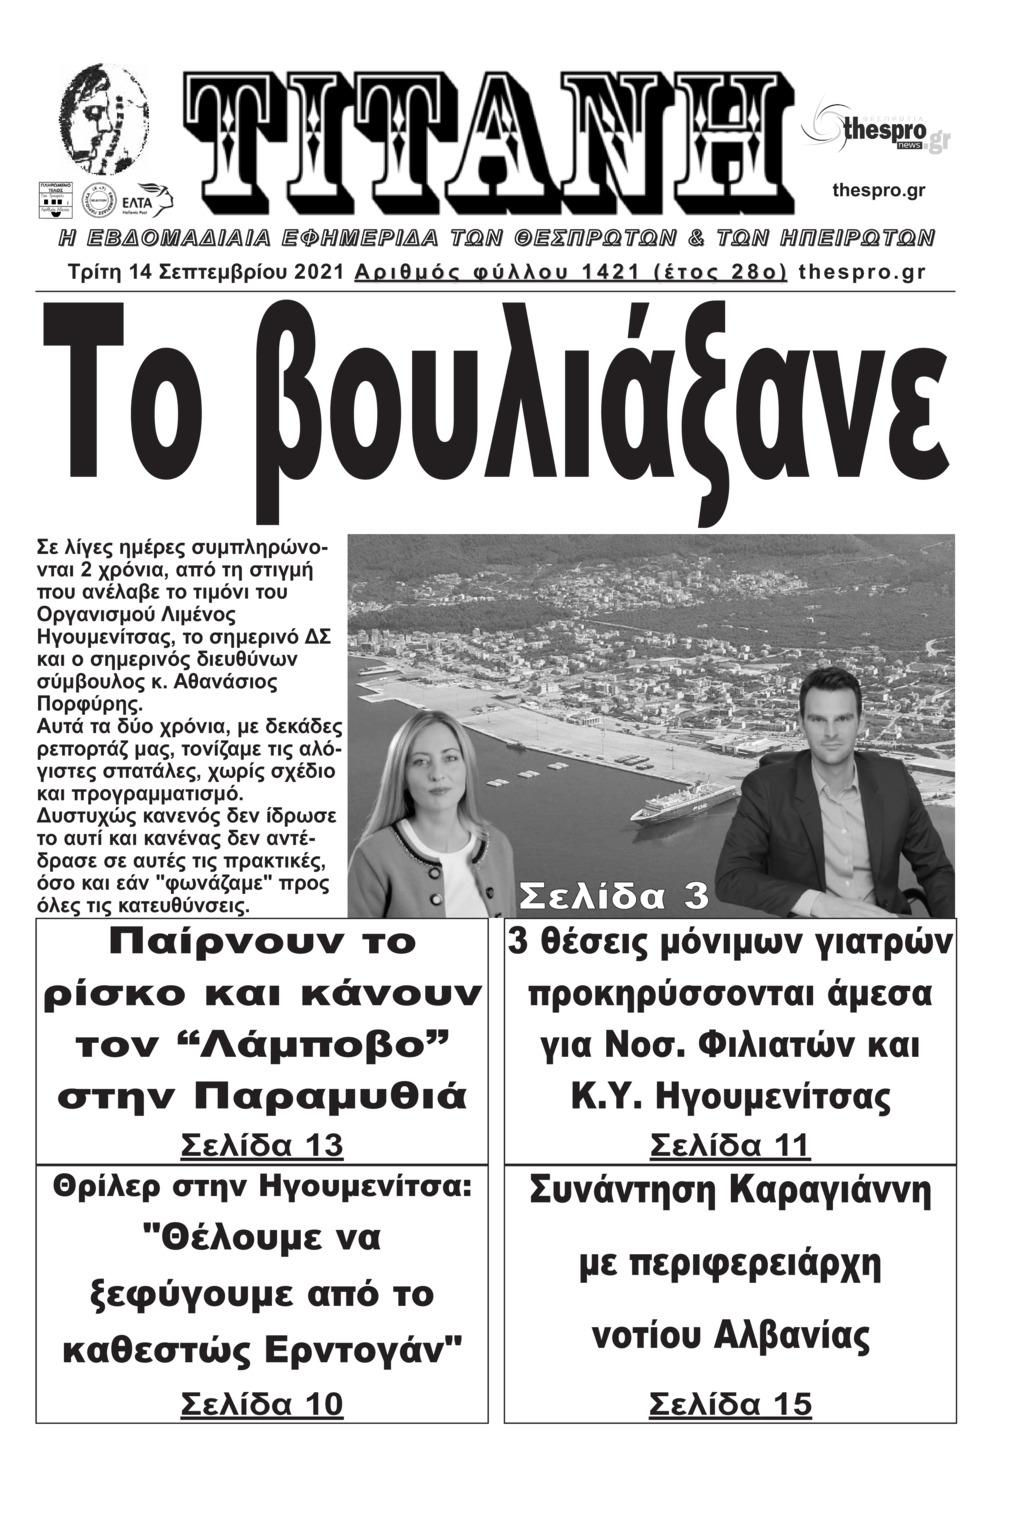 Πρωτοσέλιδο εφημερίδας Τιτάνη